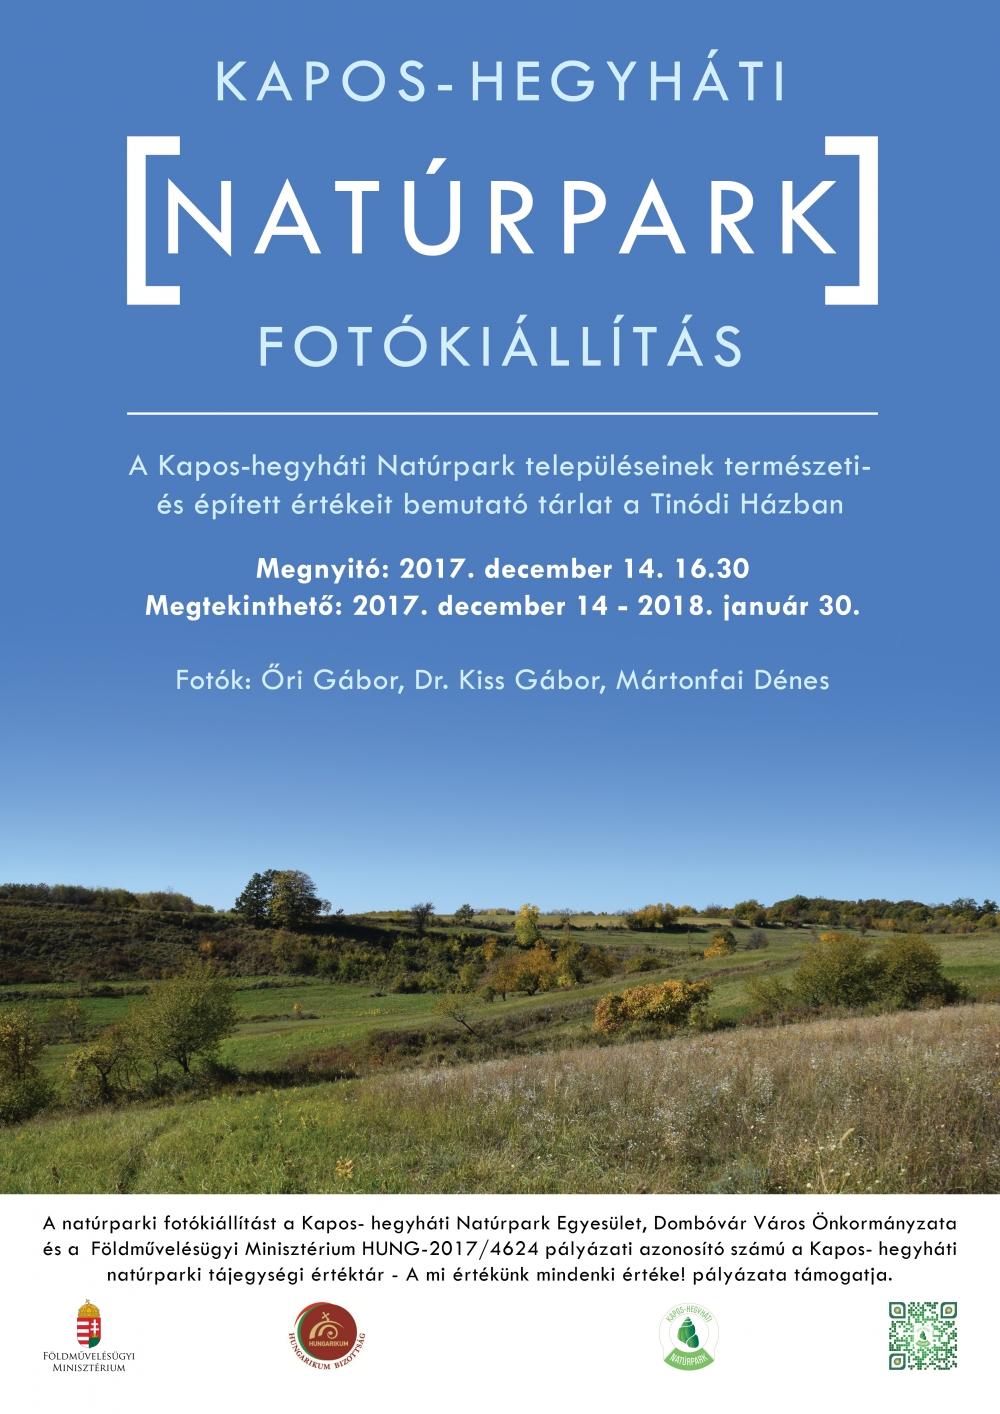 Kapos - hegyháti Natúrpark fotókiállítás